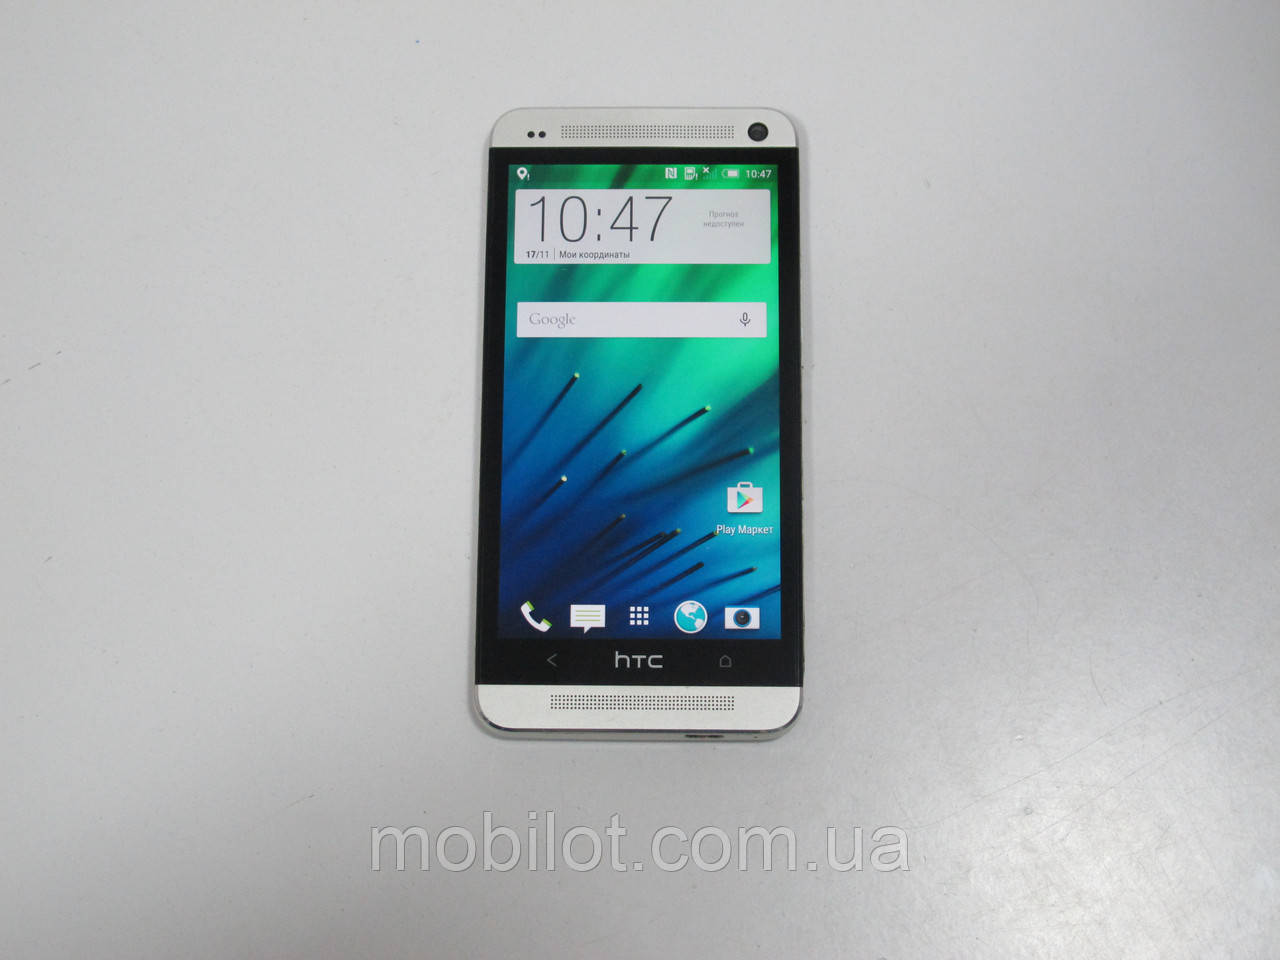 Мобильный телефон HTC One M7 801e (TZ-4946)